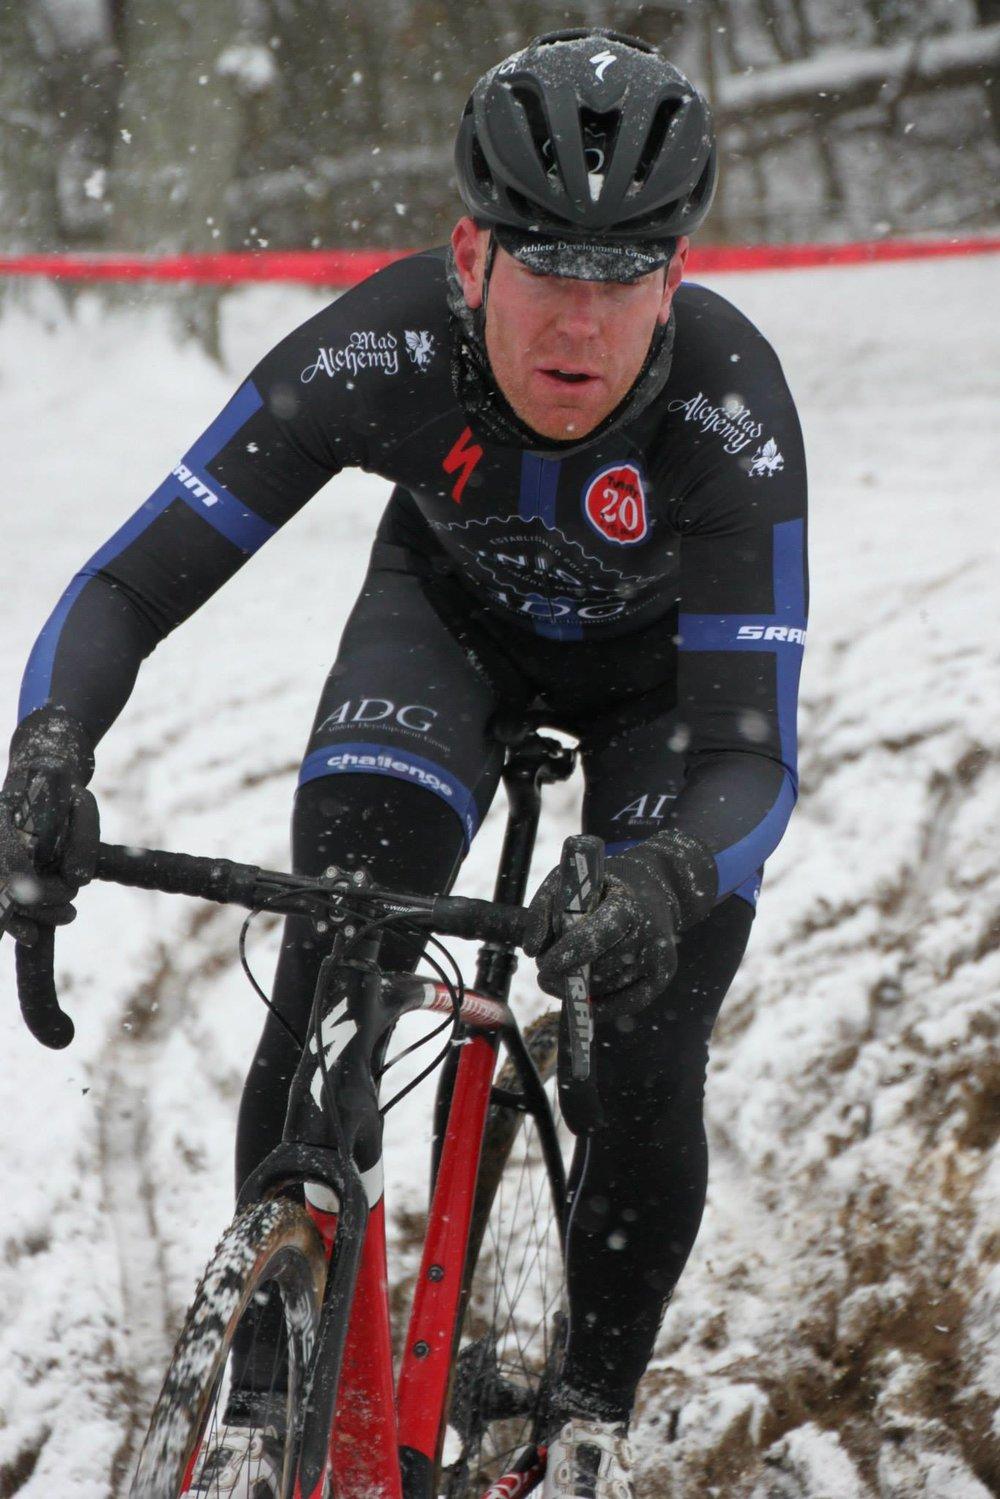 Kris in snow.jpg